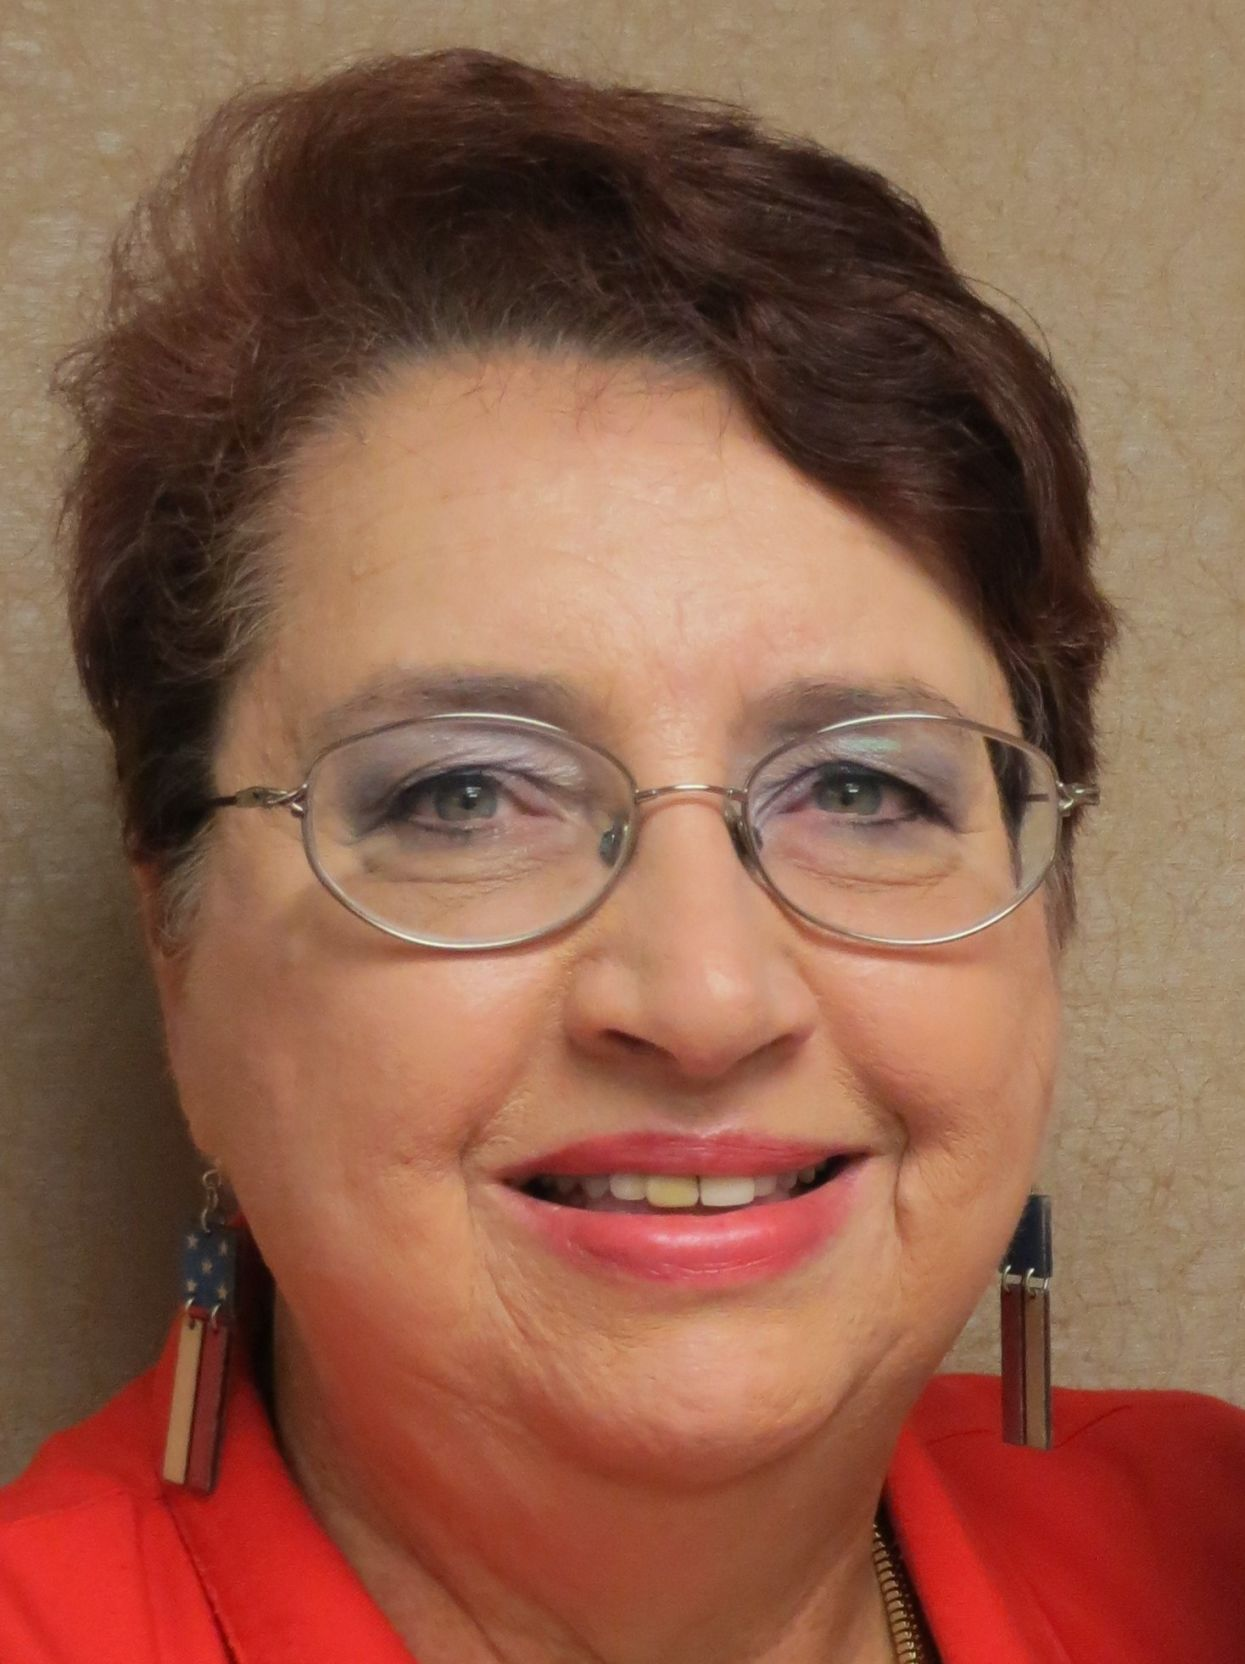 Kayleen Reusser, author of 'Captured! Stories of American WWII Prisoners of War'